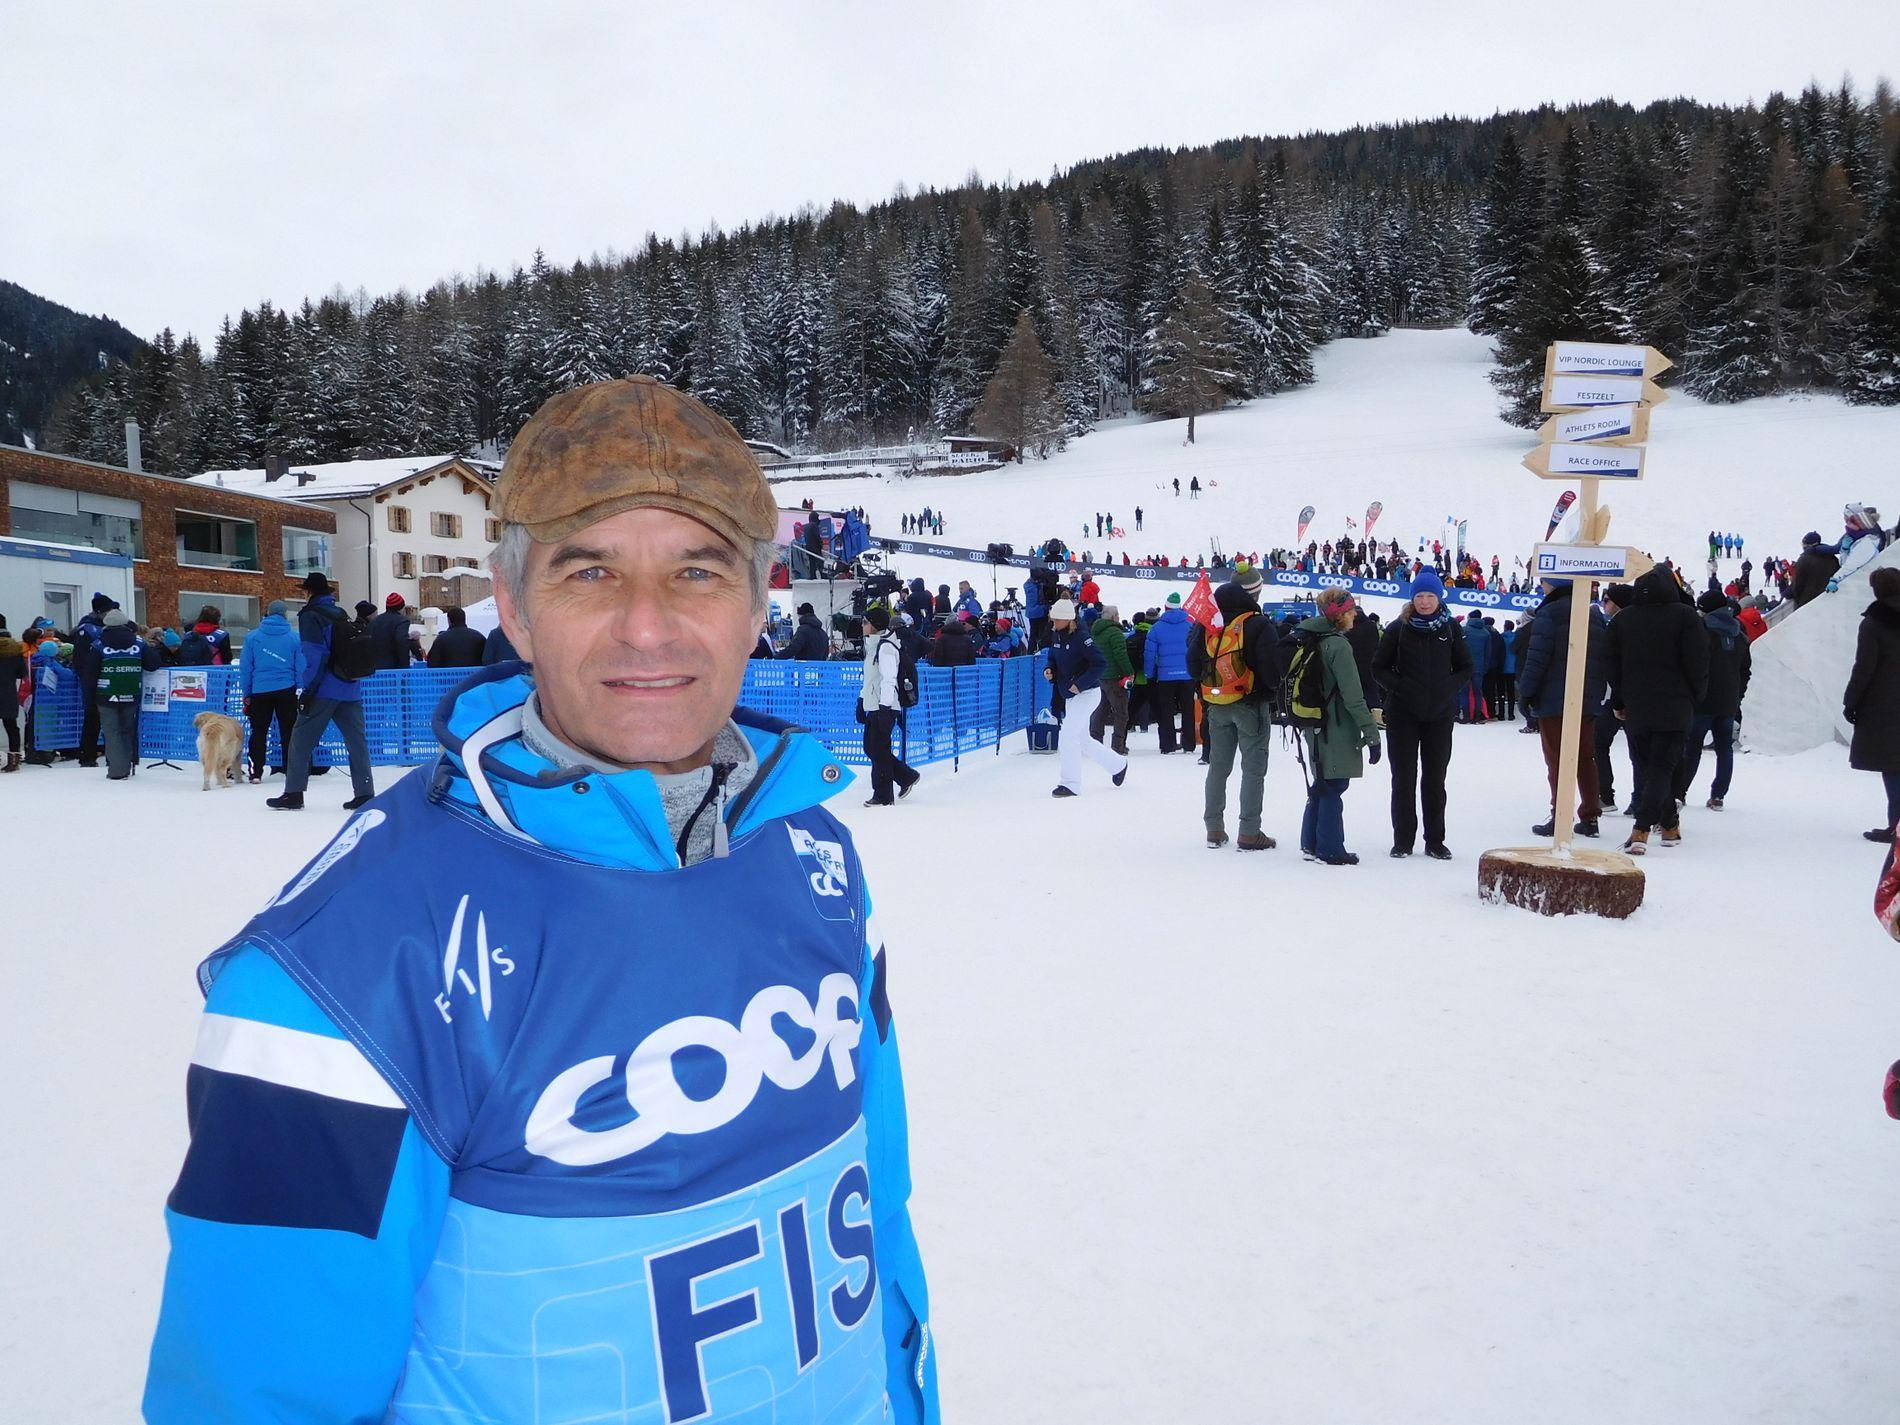 FIS-DIREKTØR: Jürg Capol var tidligere renndirektør i langrennsverdenscupen og er den som skapte Tour de Ski-konseptet sammen med Vegard Ulvang. Nå er Capol markedsdirektør i FIS.